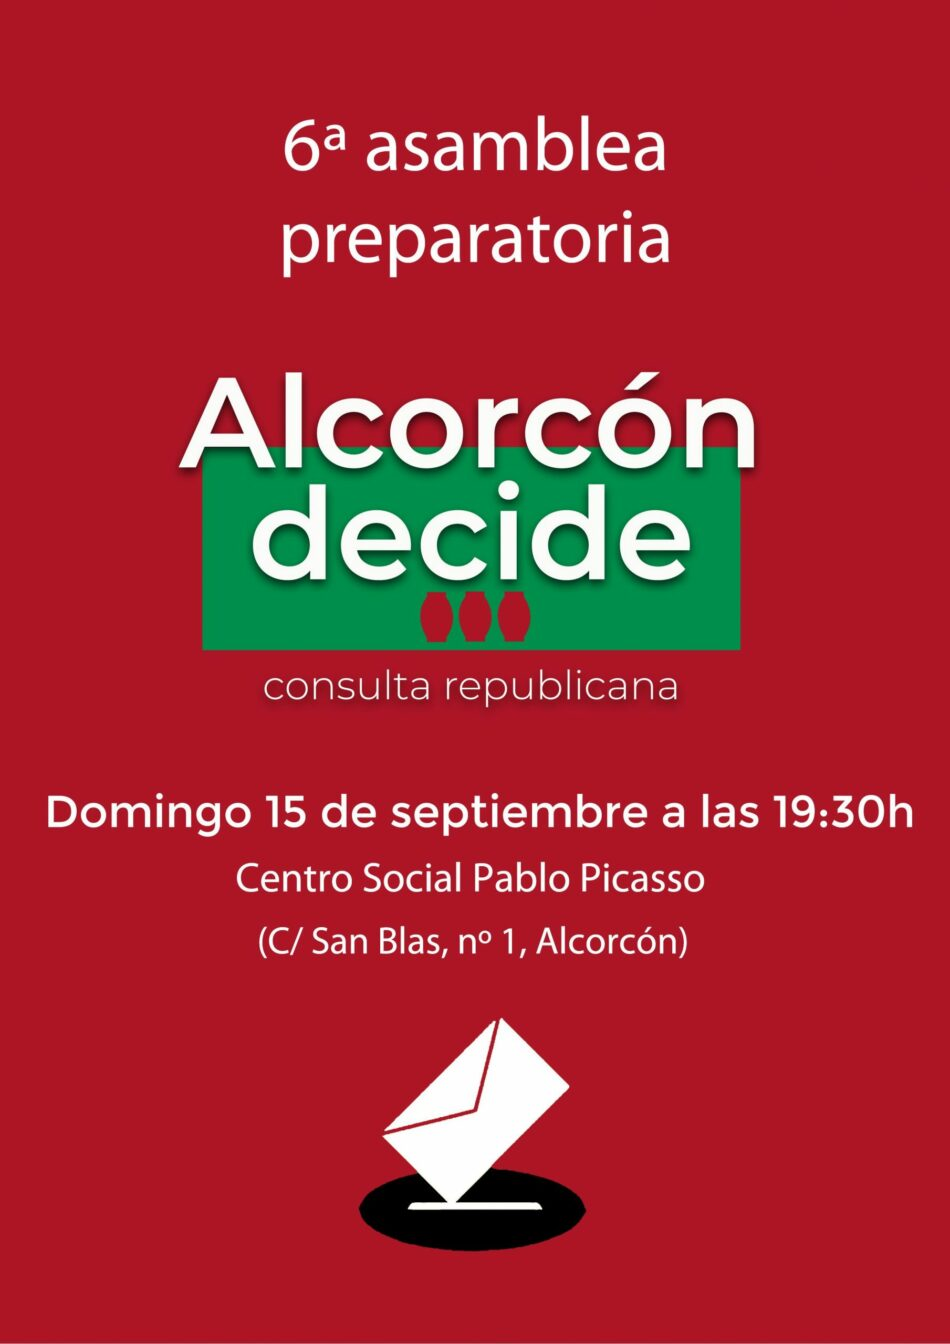 Alcorcón Decide prosigue su actividad a pesar del boicot de la derecha